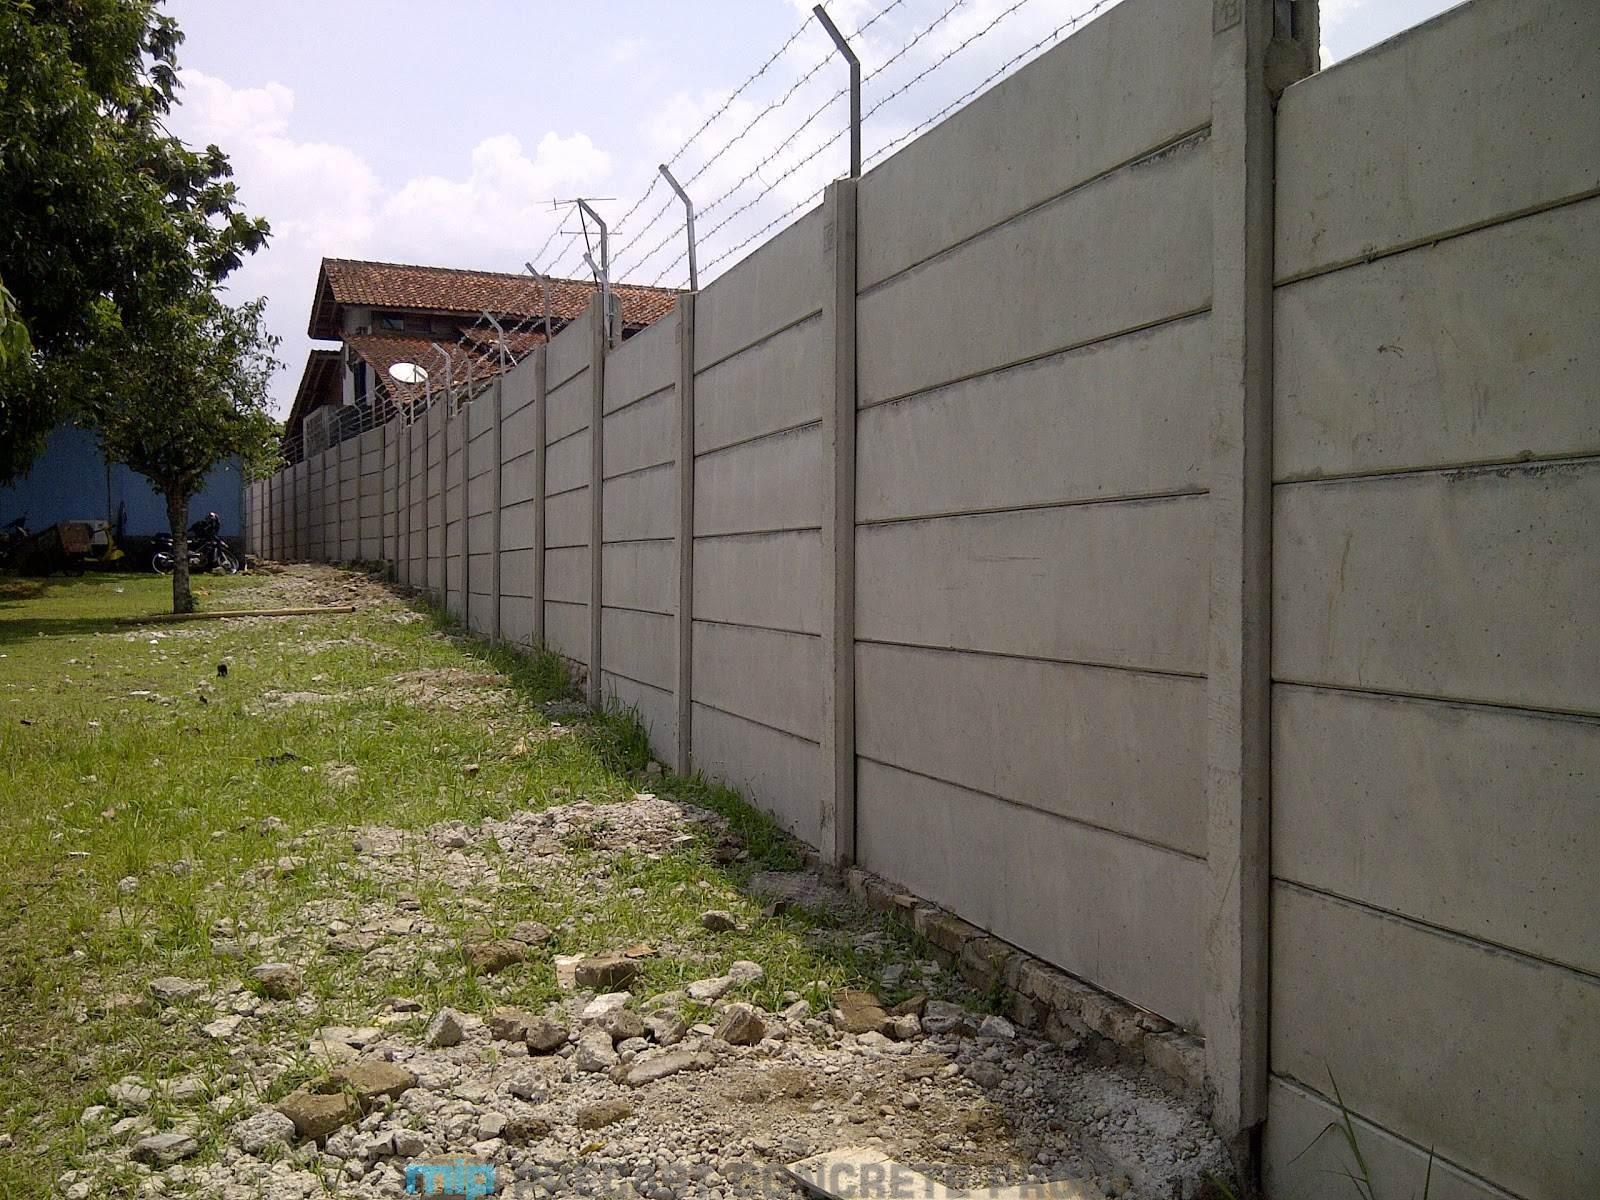 harga pagar panel beton megacon Jambu Ungaran